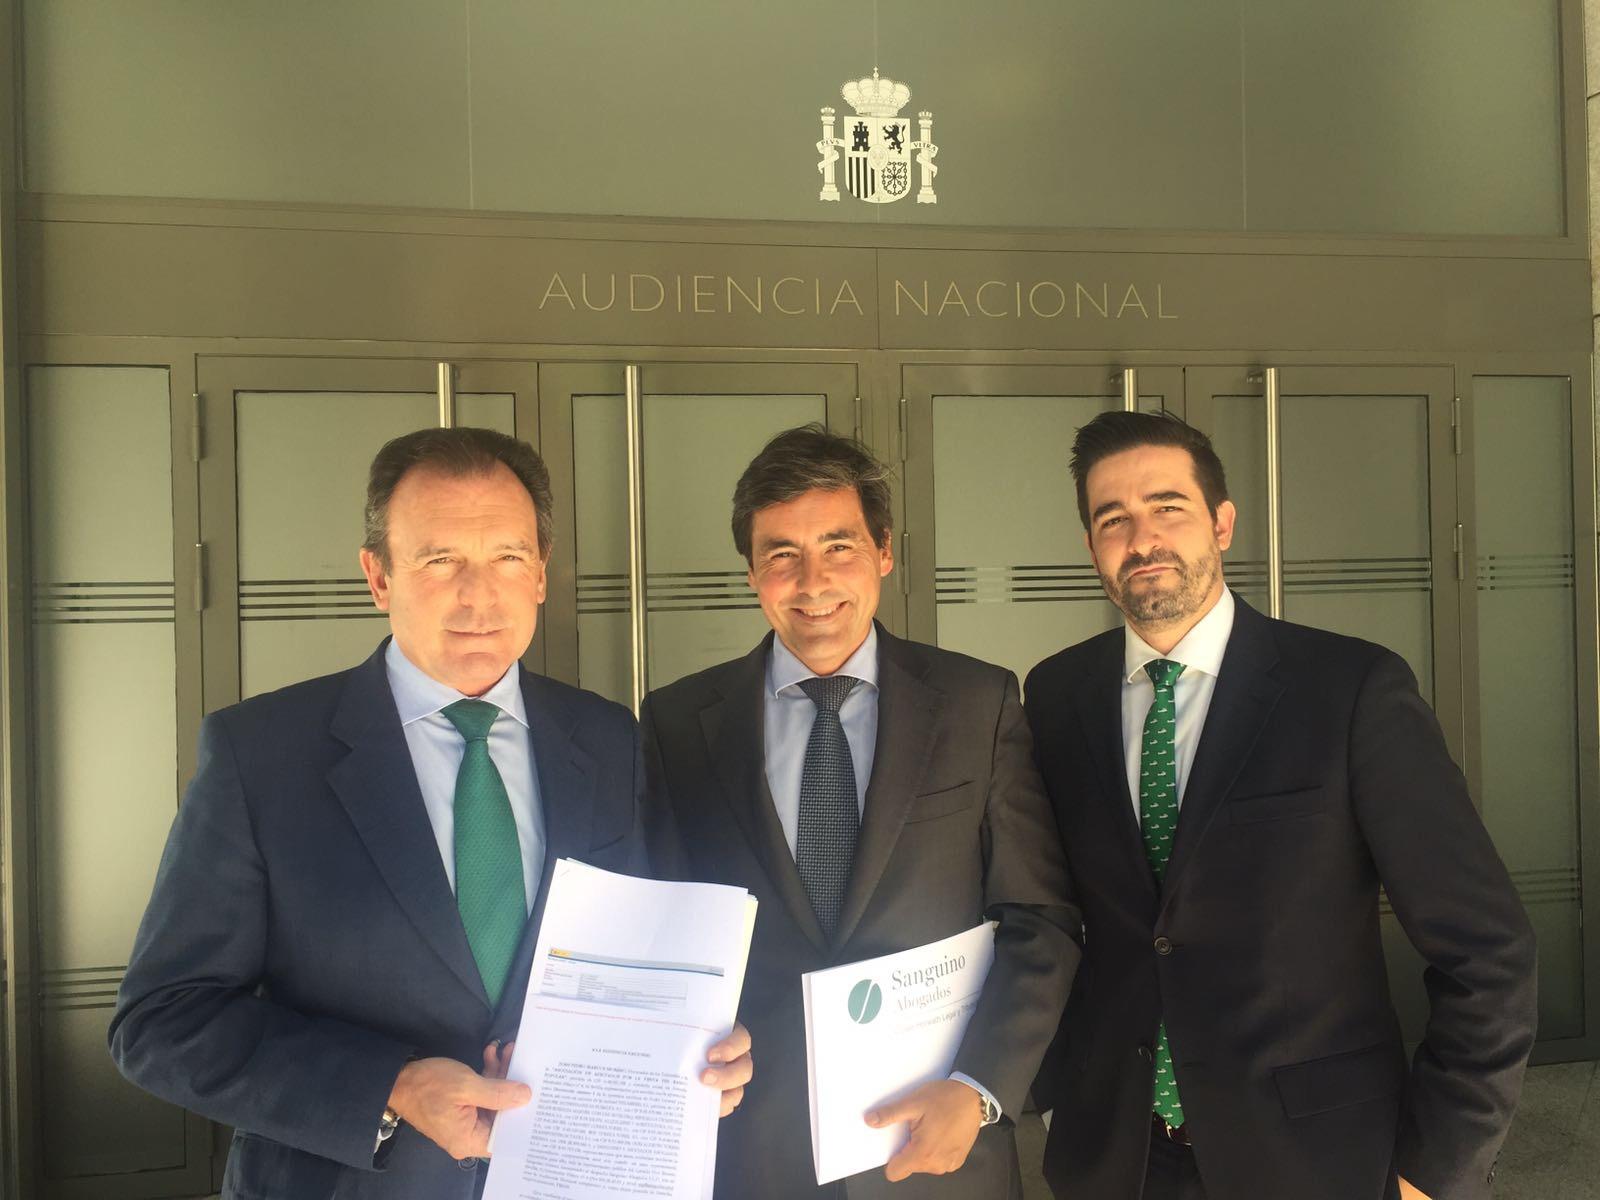 Sanguino Abogados solicita a la Audiencia Nacional que suspenda cautelarmente los préstamos con los que se compraron acciones del Banco Popular